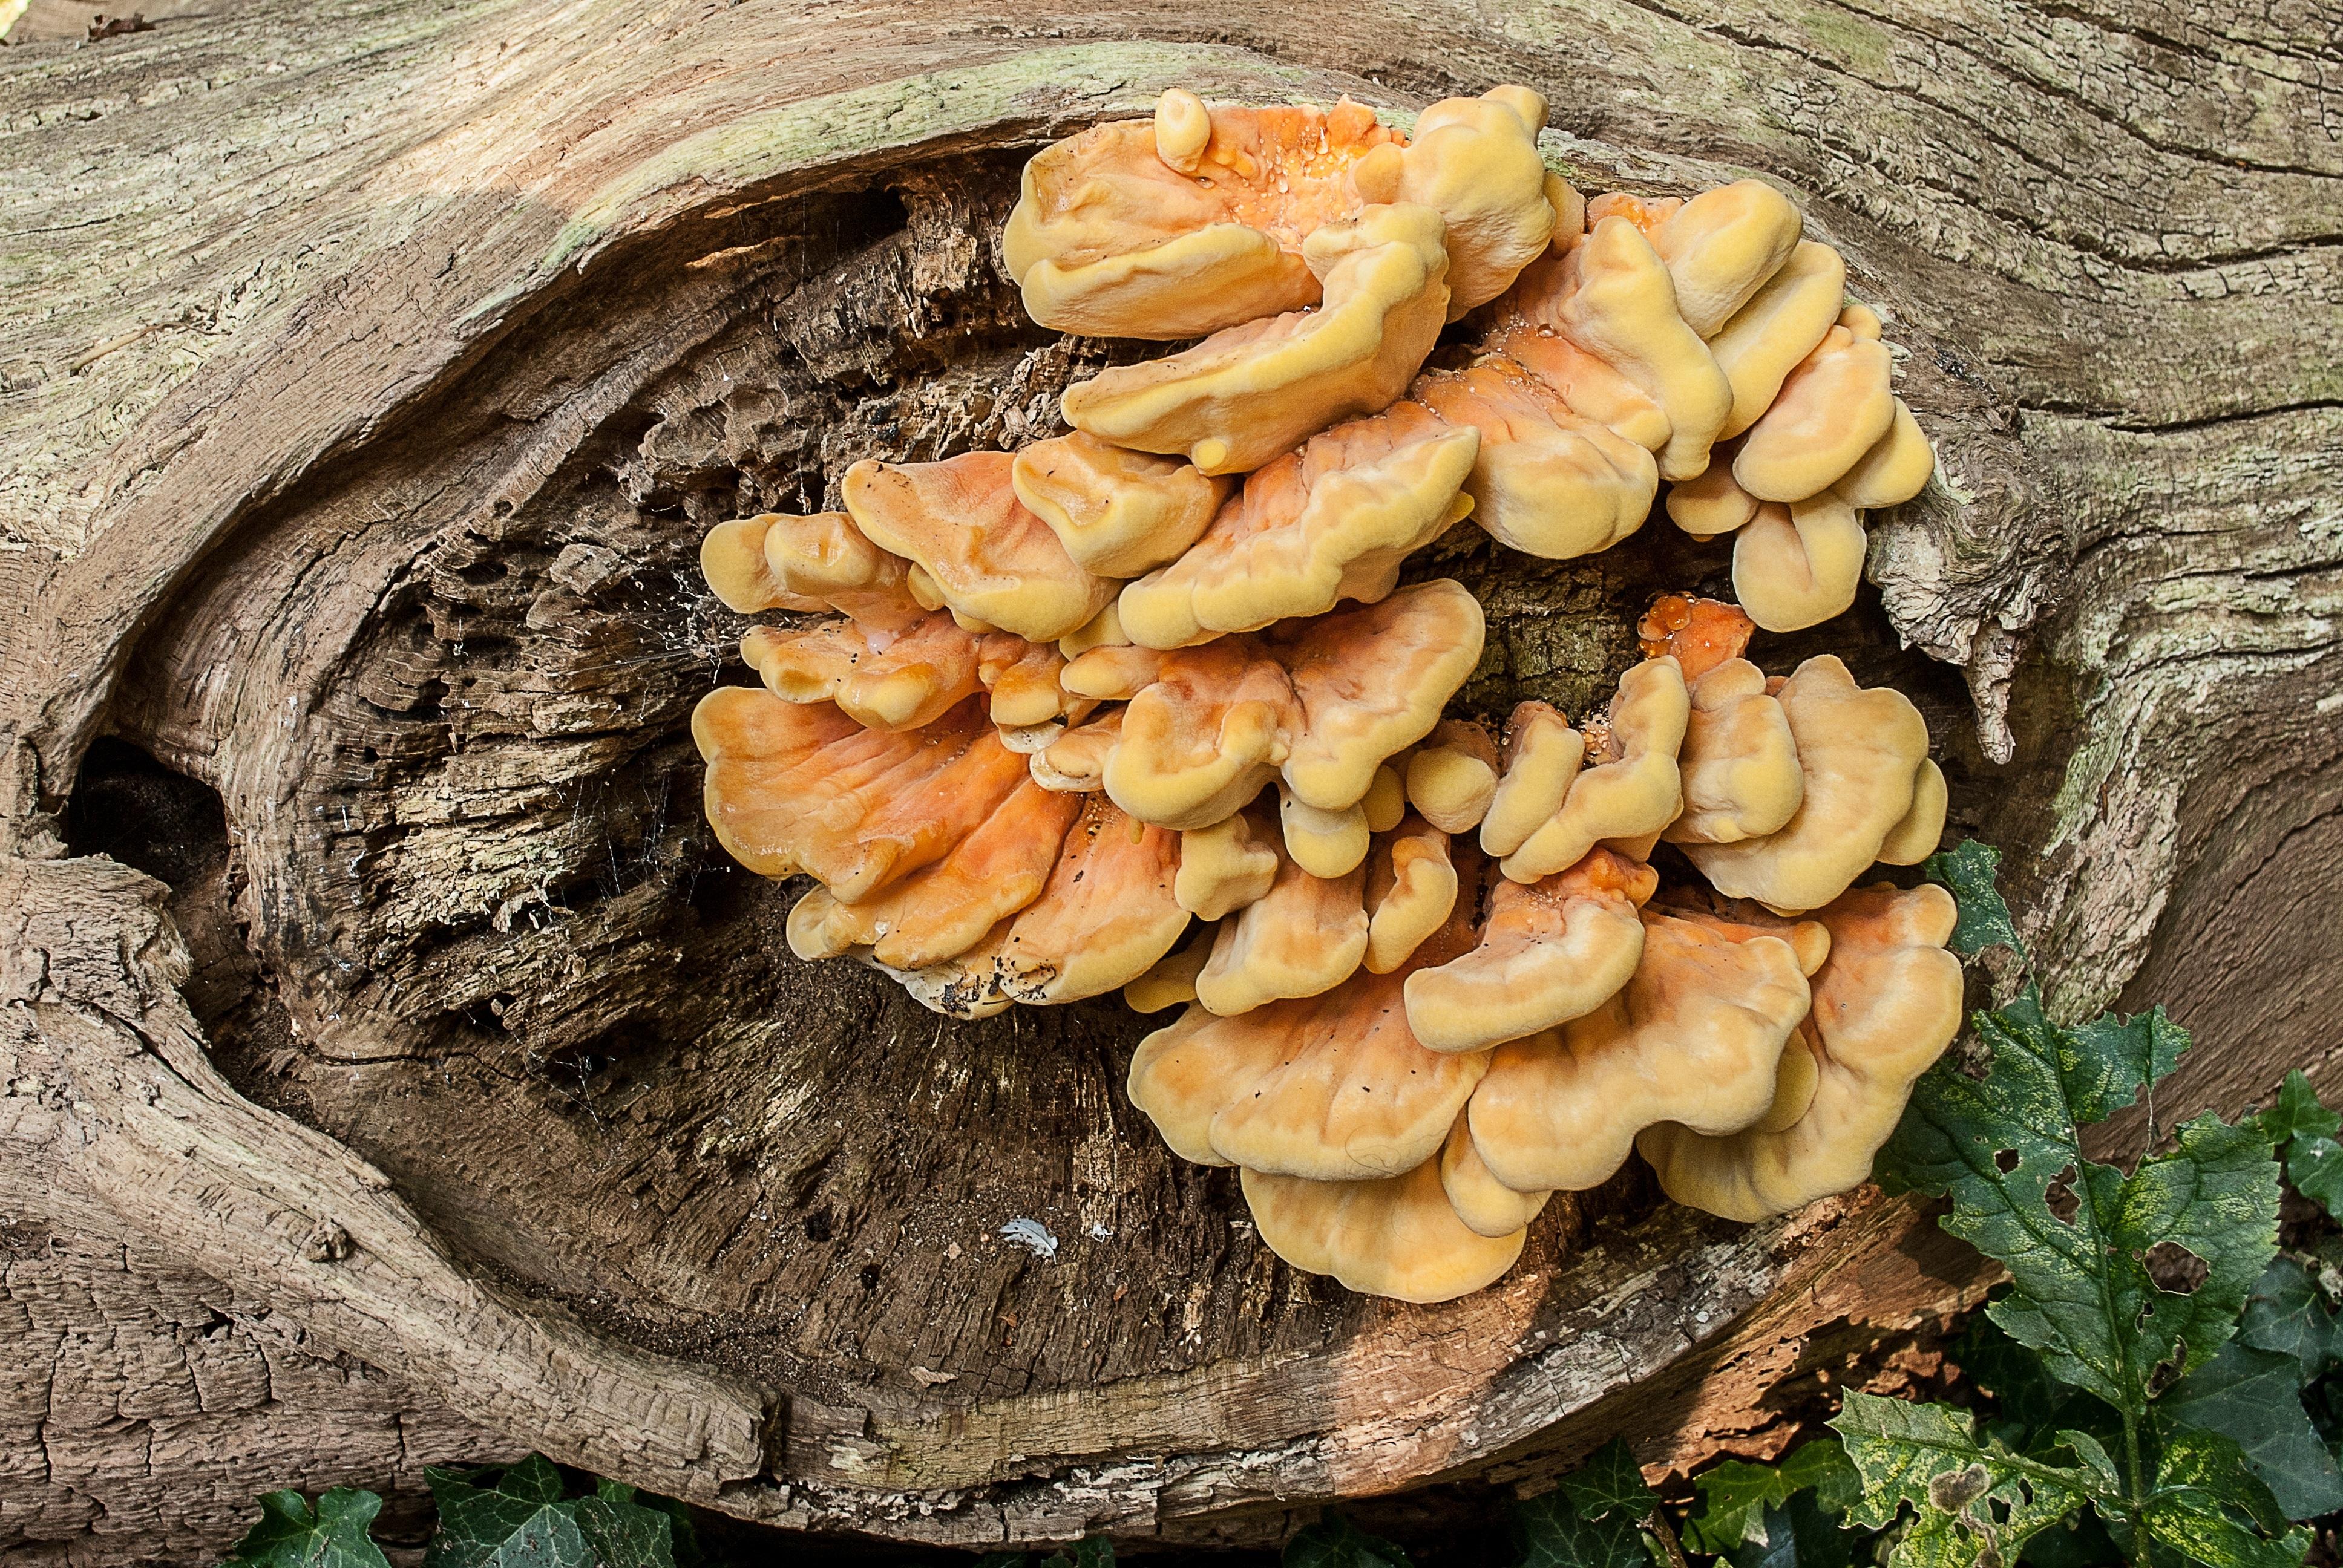 Images gratuites la nature for t produire l 39 automne - Champignon sur tronc d arbre ...